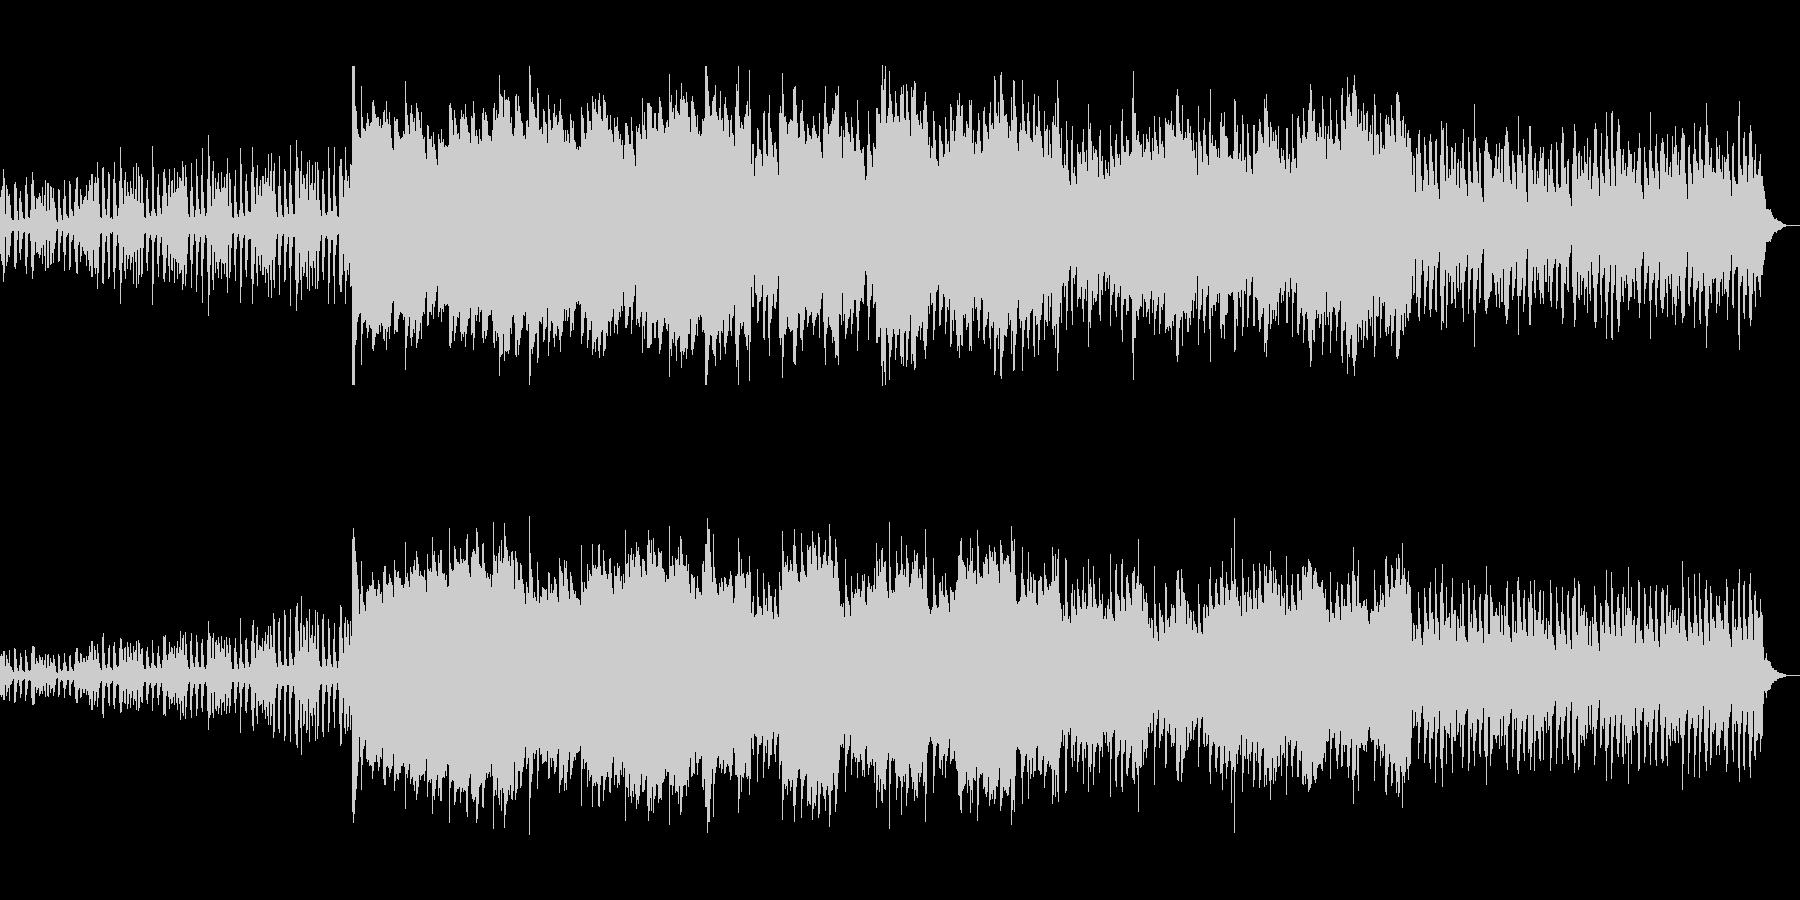 弦楽器とピアノのアンサンブルの未再生の波形